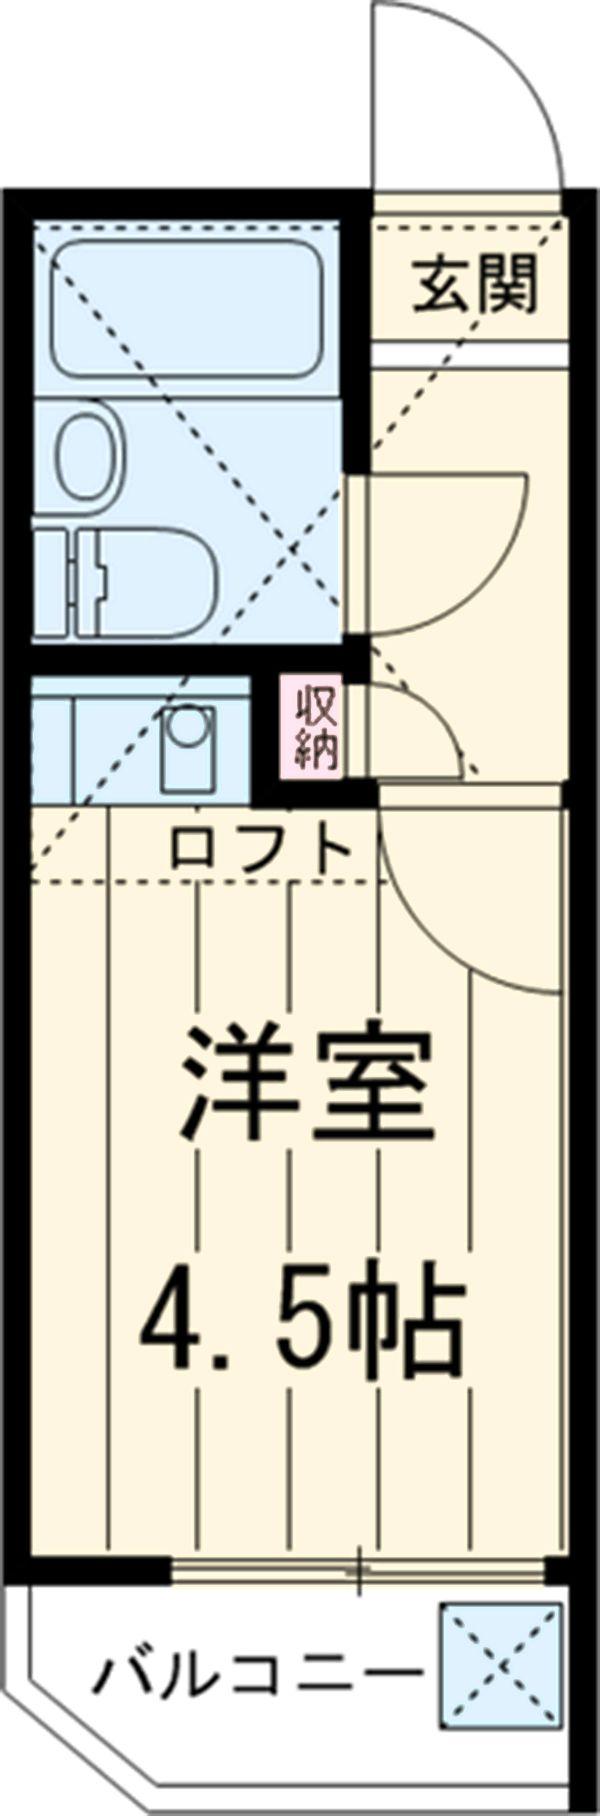 エクセレント21石神井公園 202号室の間取り